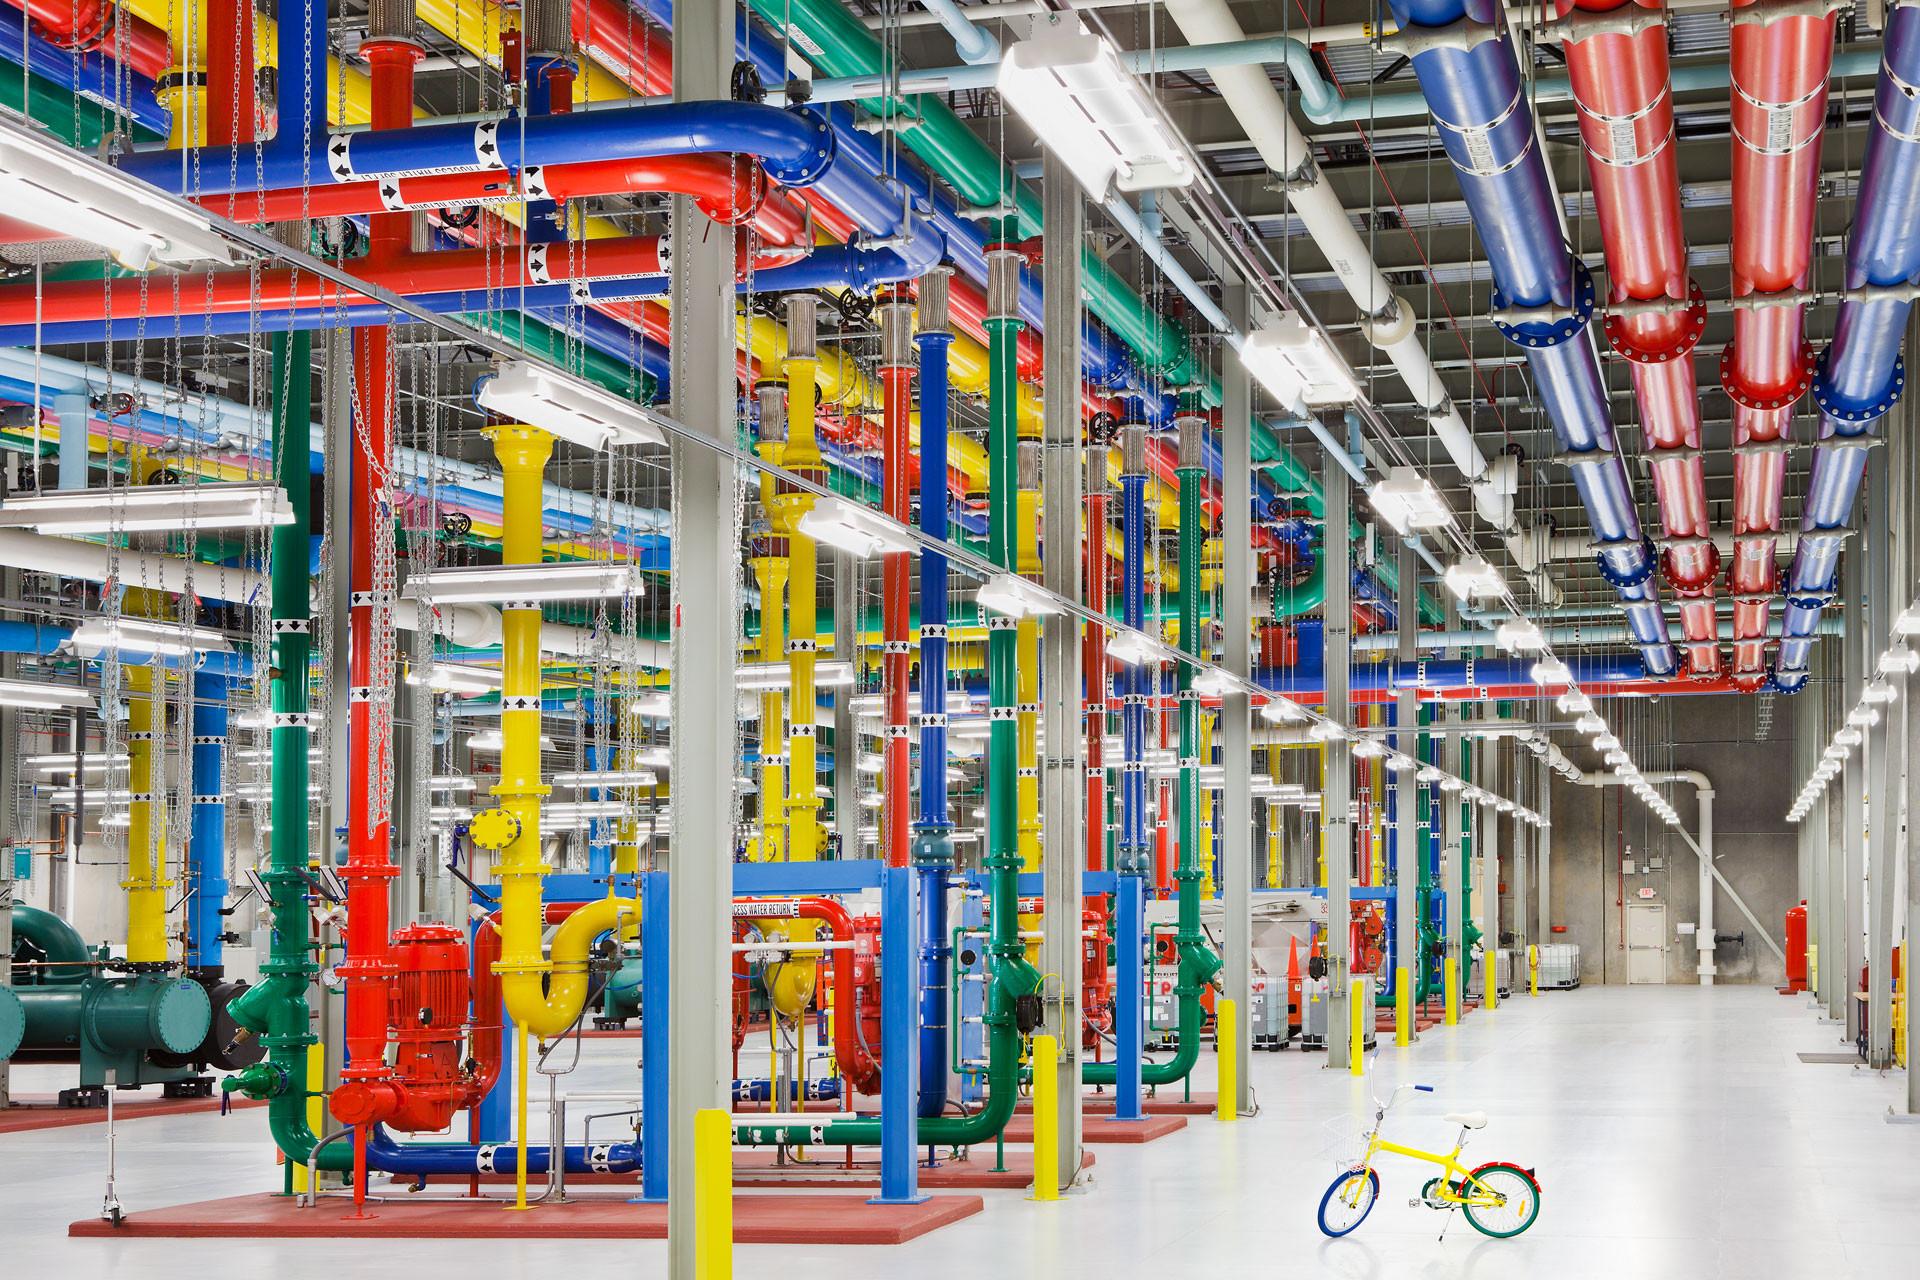 3_Google zero-waste economy